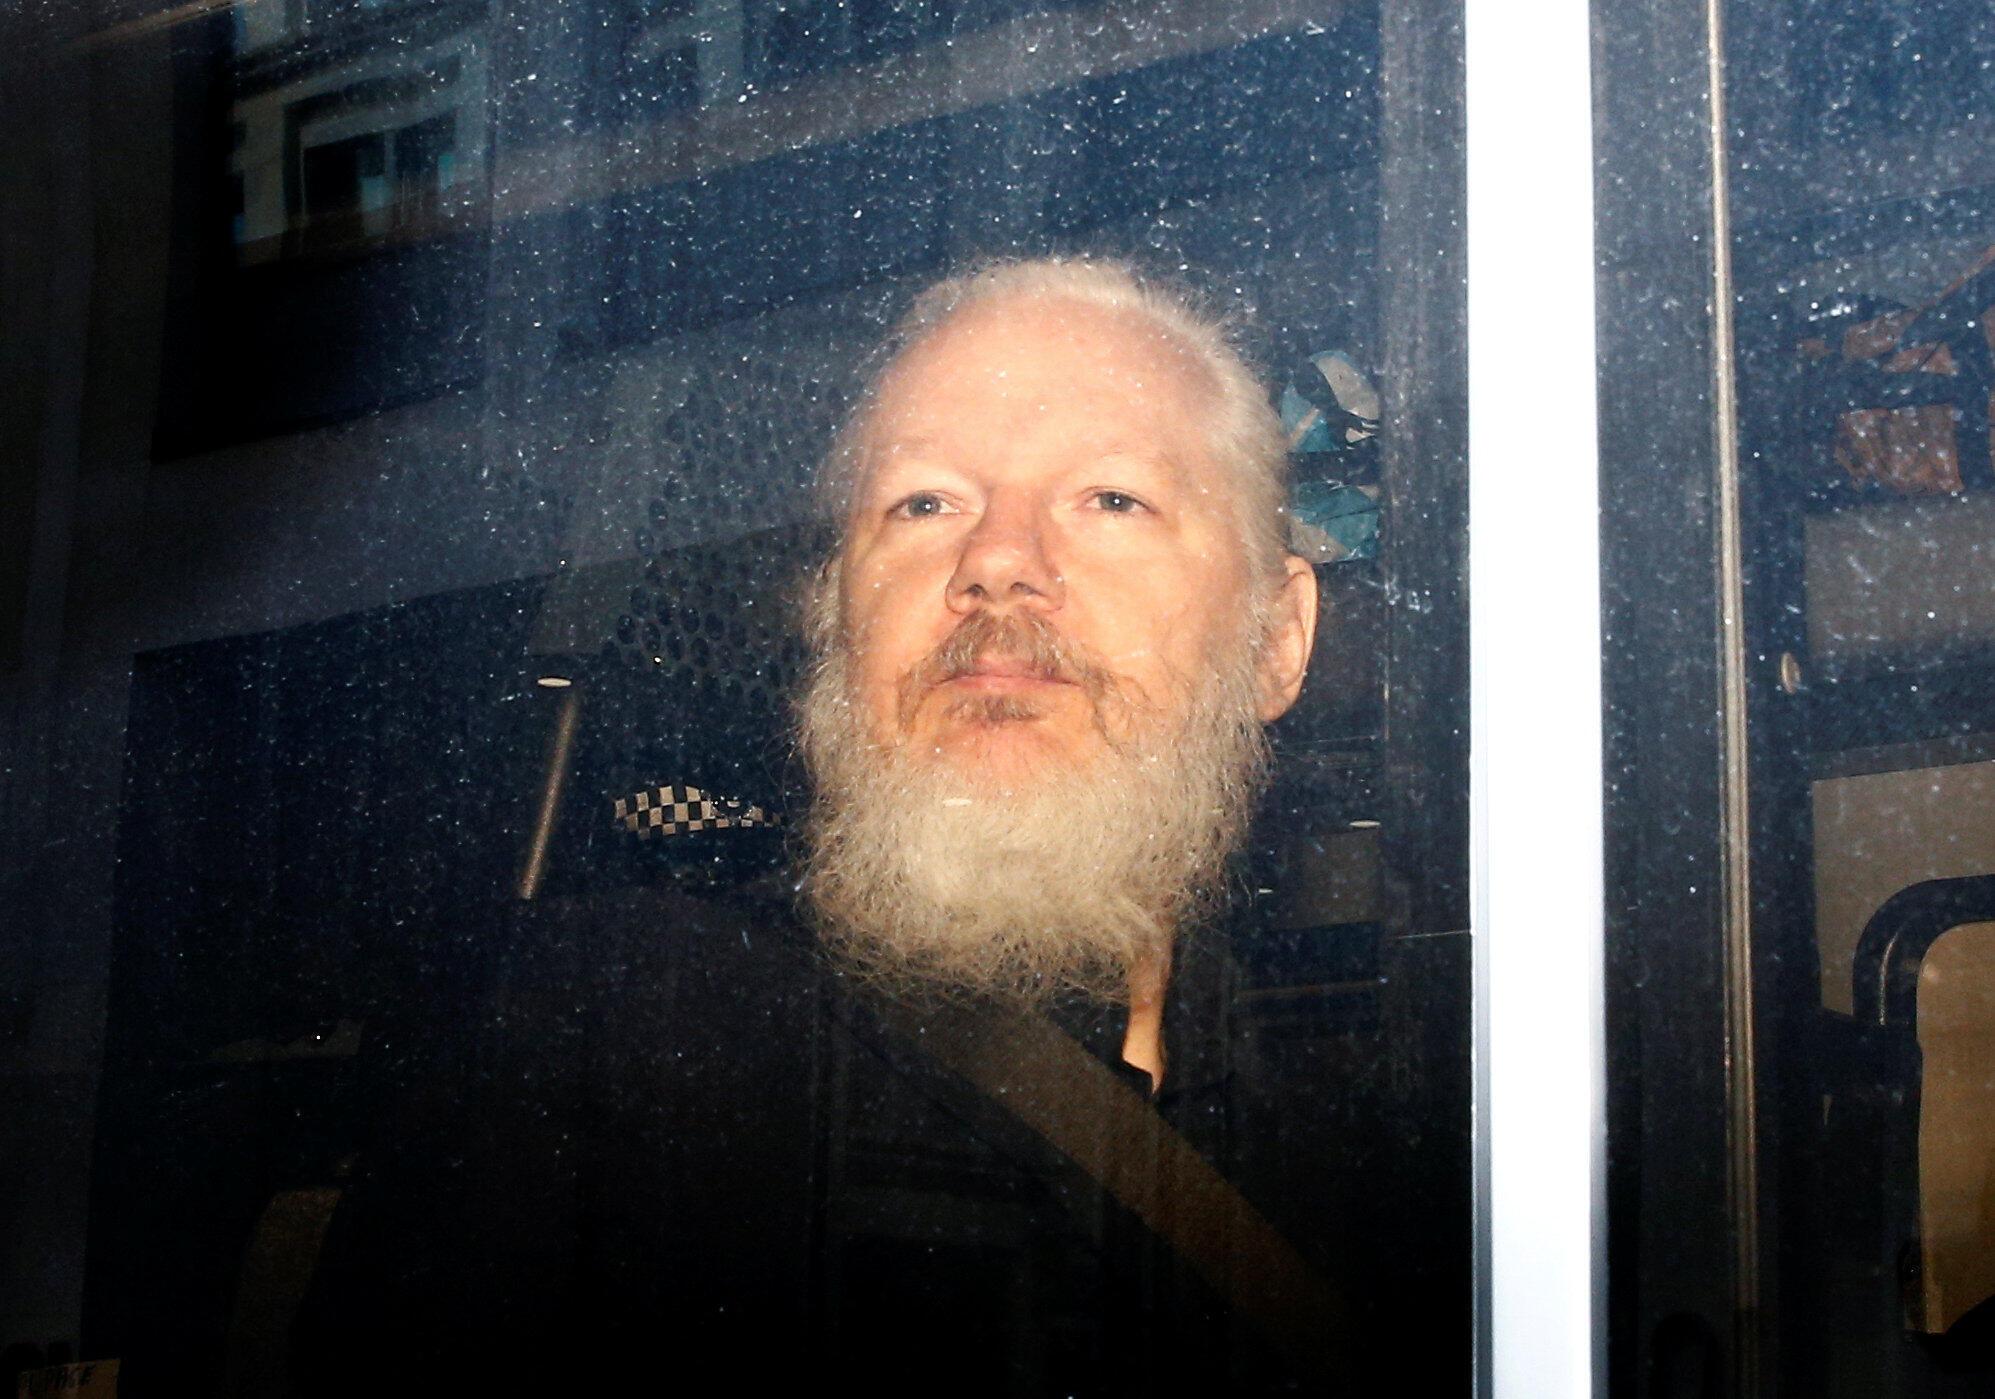 阿桑奇维基解密创始人2019年4月11日在伦敦被逮捕时相片